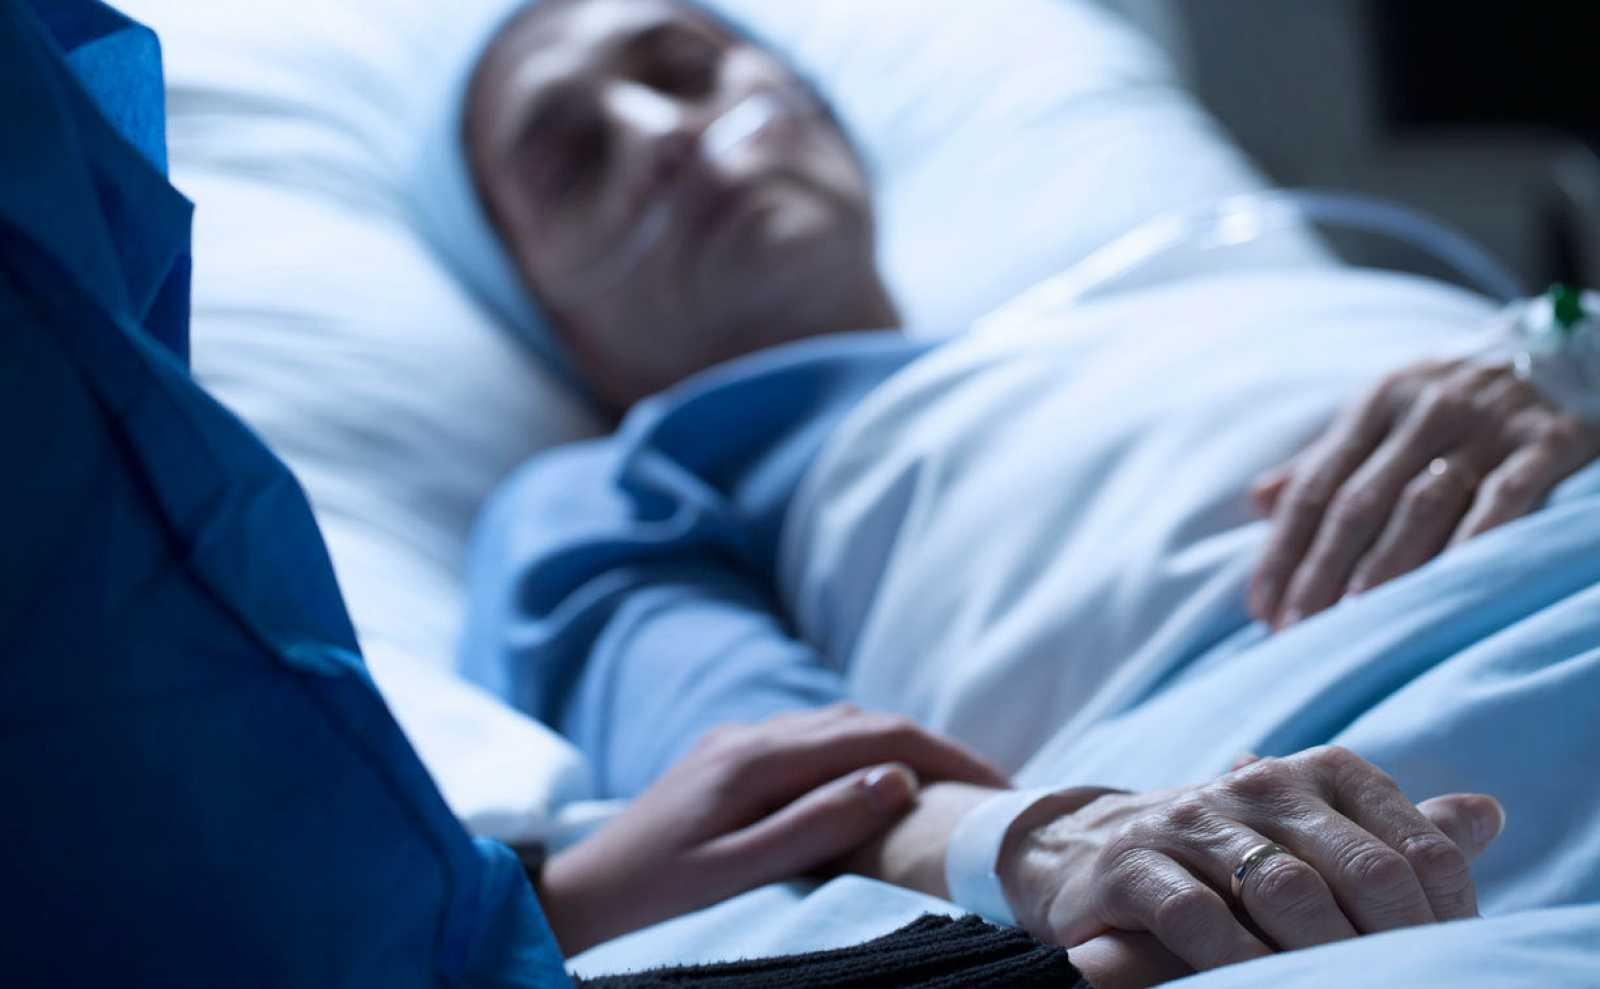 Crece el número de personas que optan por el suicidio asistido en Suiza